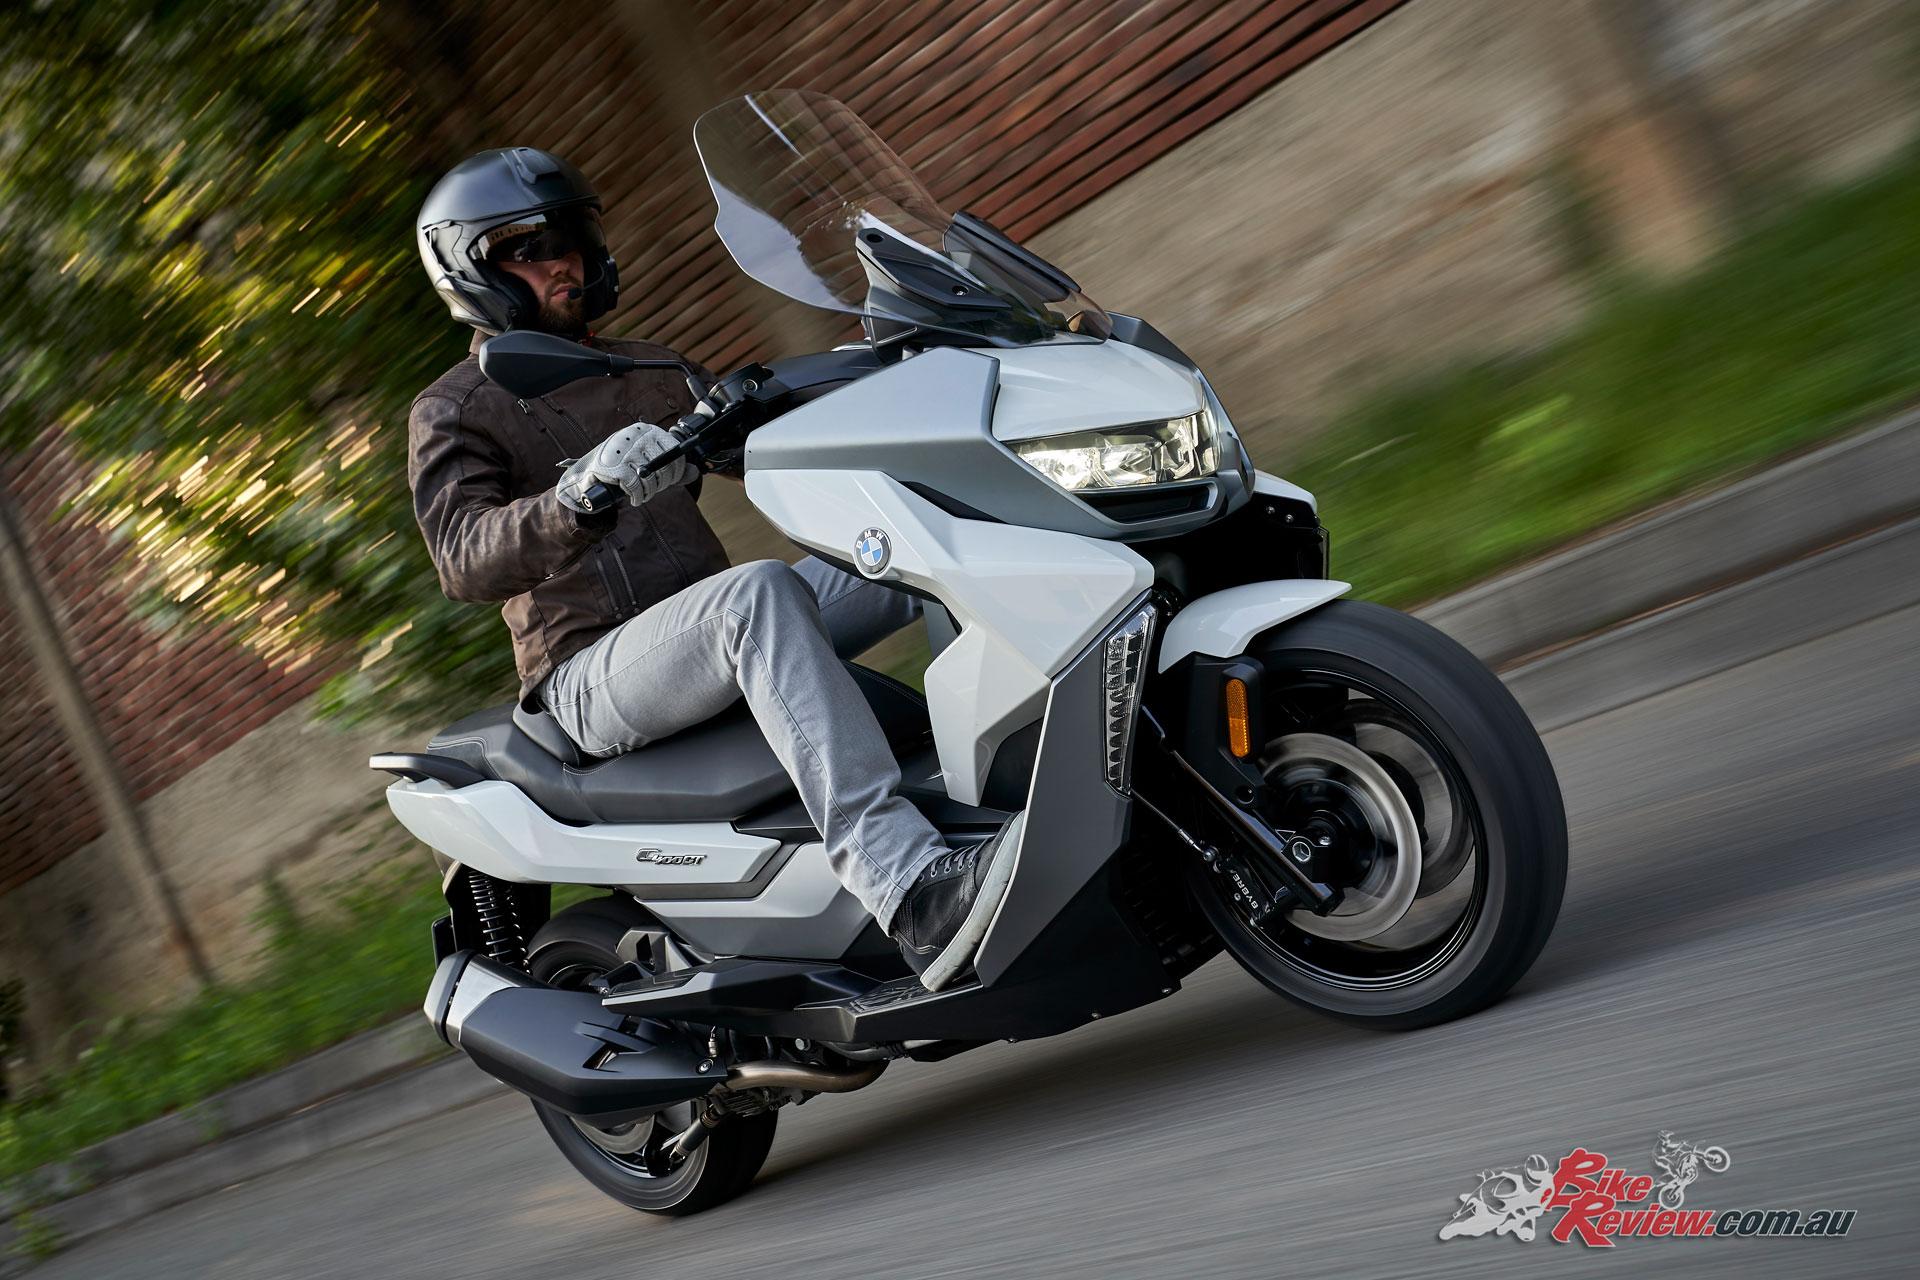 new model bmw c 400 gt scooter bike review. Black Bedroom Furniture Sets. Home Design Ideas